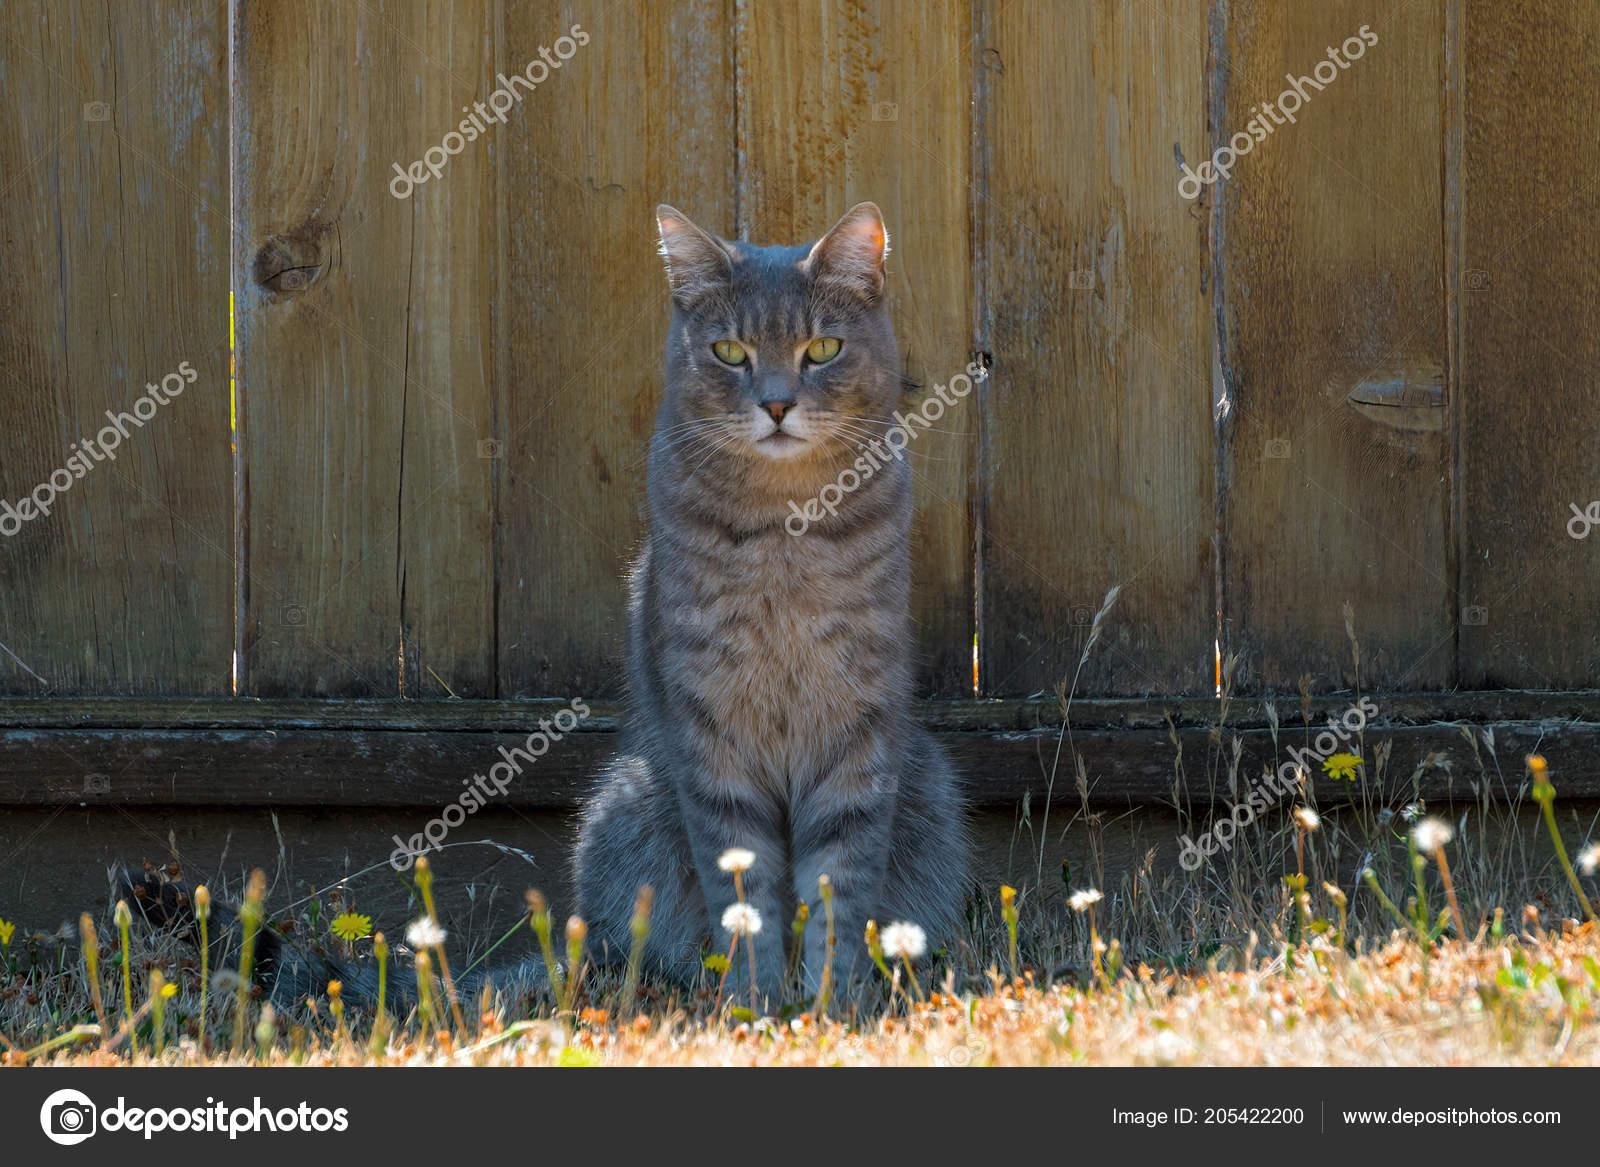 Recinzione Giardino Per Gatti.Gatto Tabby Grigio Seduto Dalla Recinzione Giardino Foto Stock